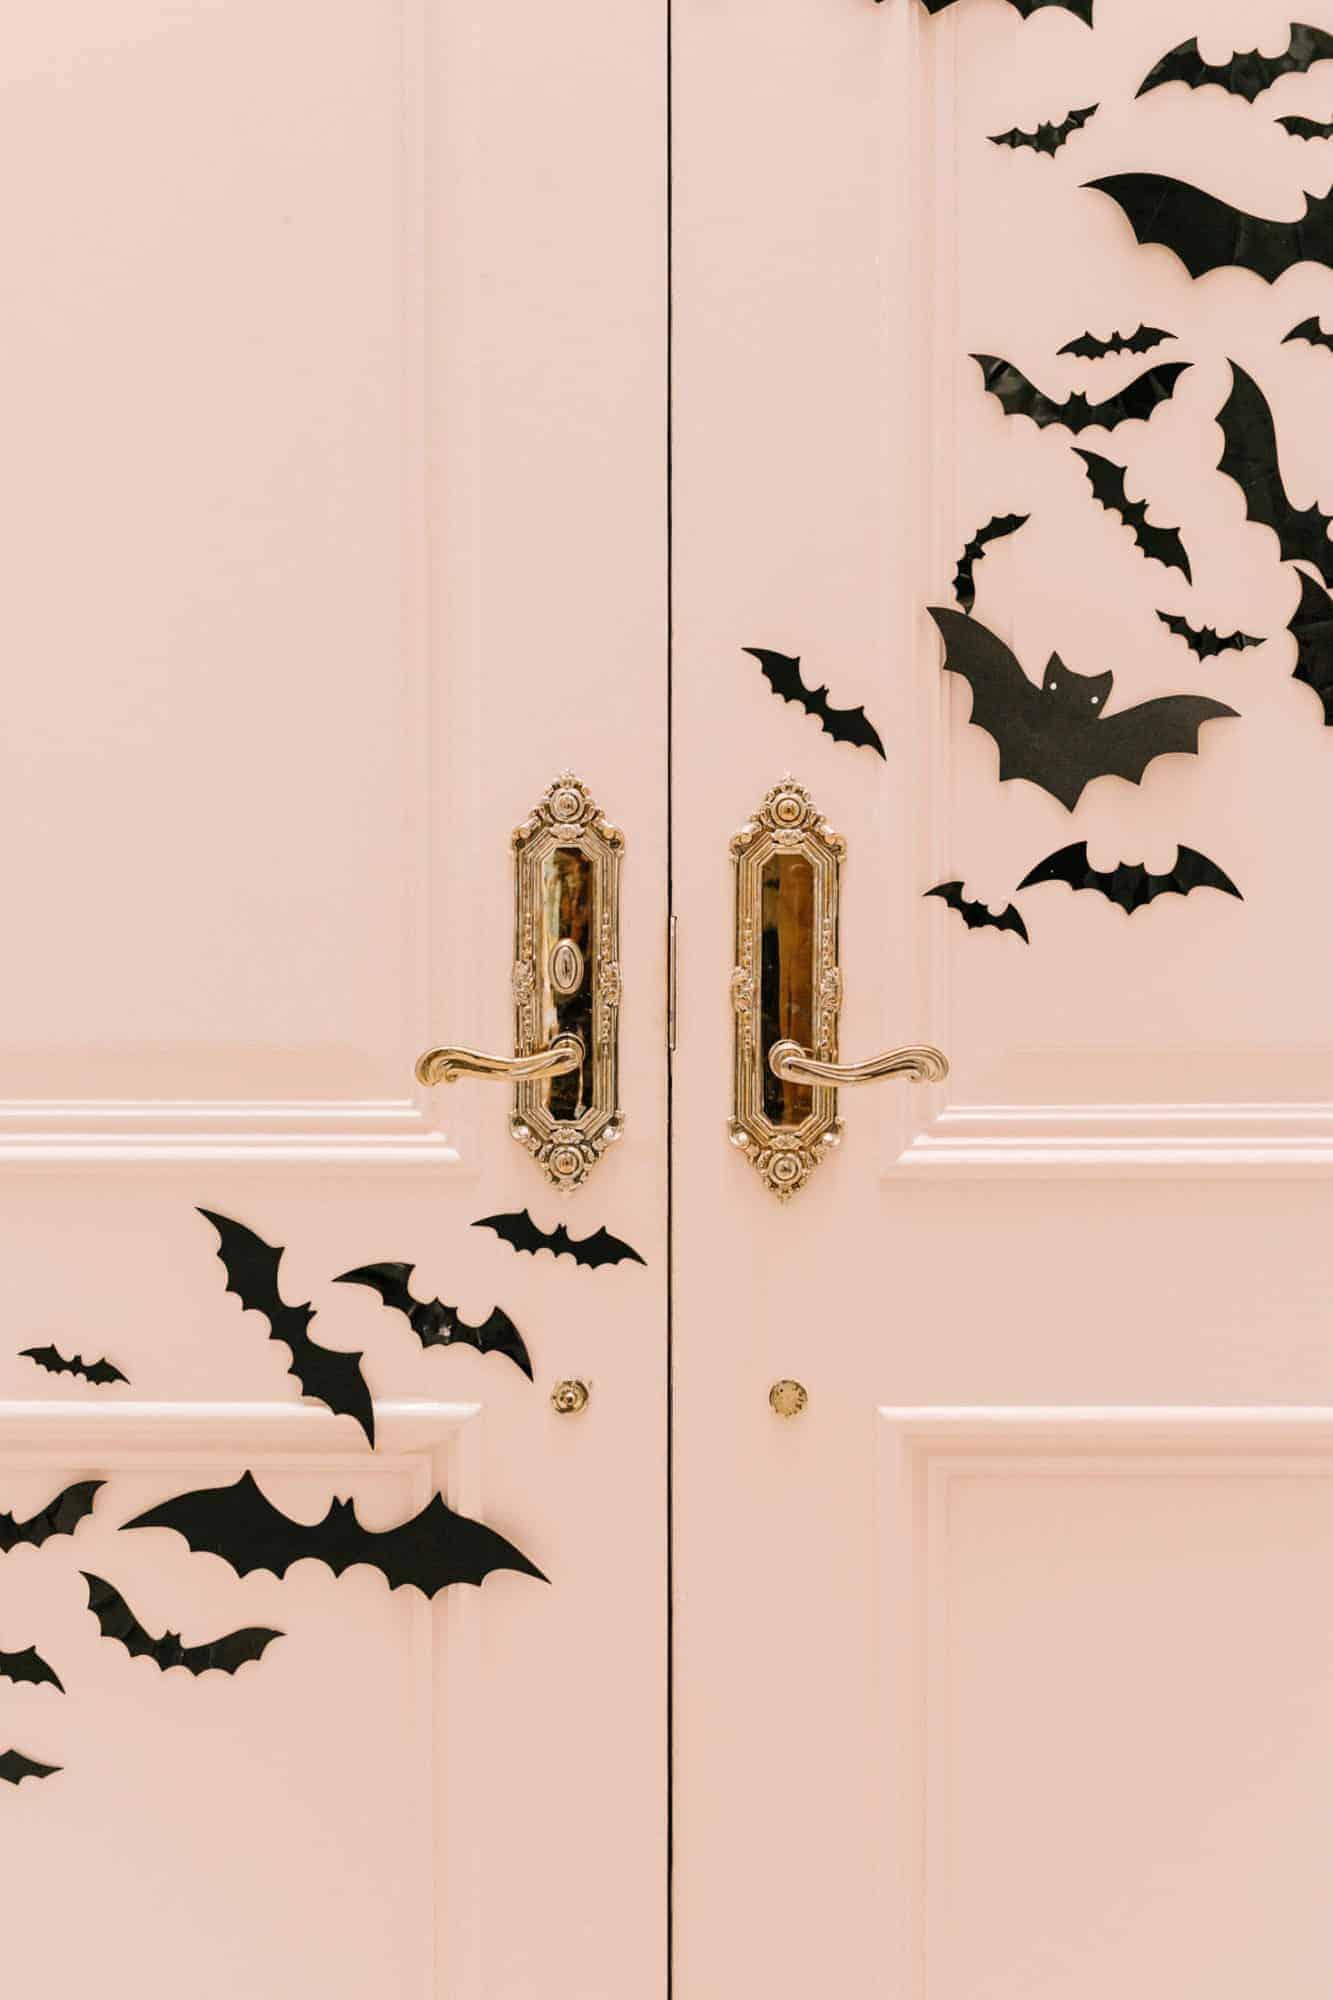 pink door with paper bats on it